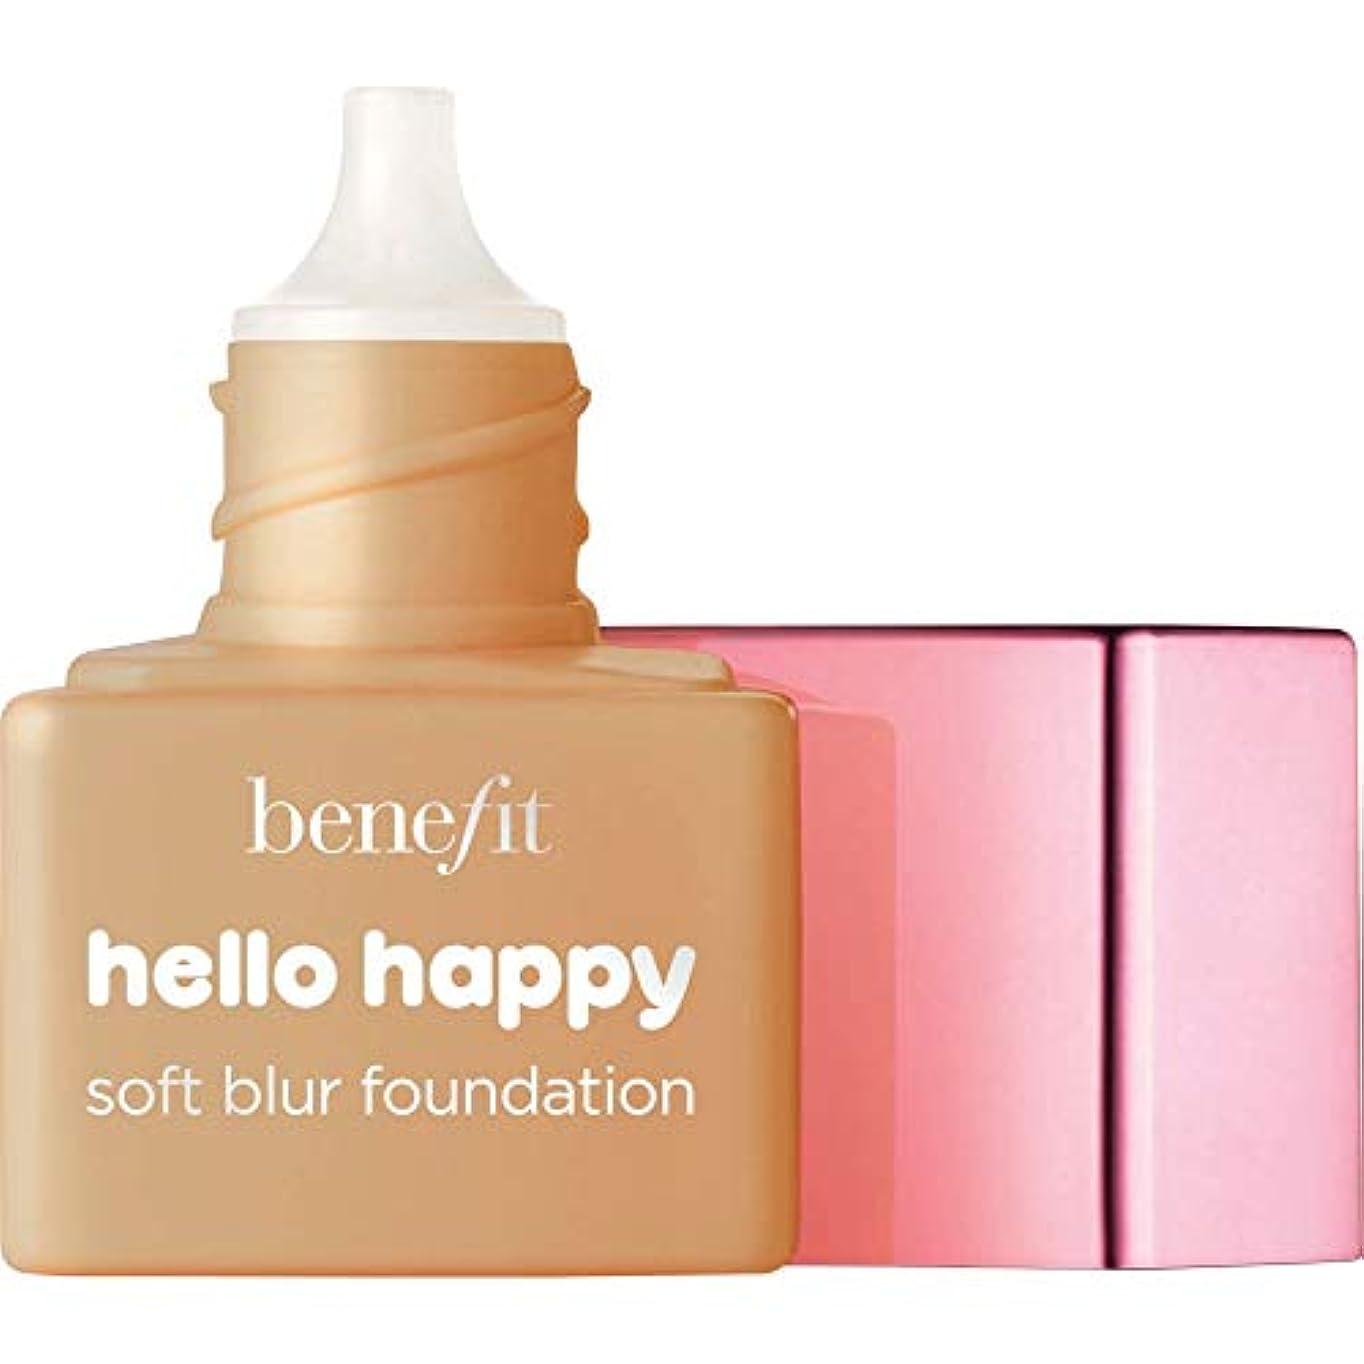 ペチュランス有効な絶妙[Benefit] ミニ6 - - こんにちは幸せソフトブラー基礎Spf15の6ミリリットルの利益温培地 - Benefit Hello Happy Soft Blur Foundation SPF15 6ml - Mini...